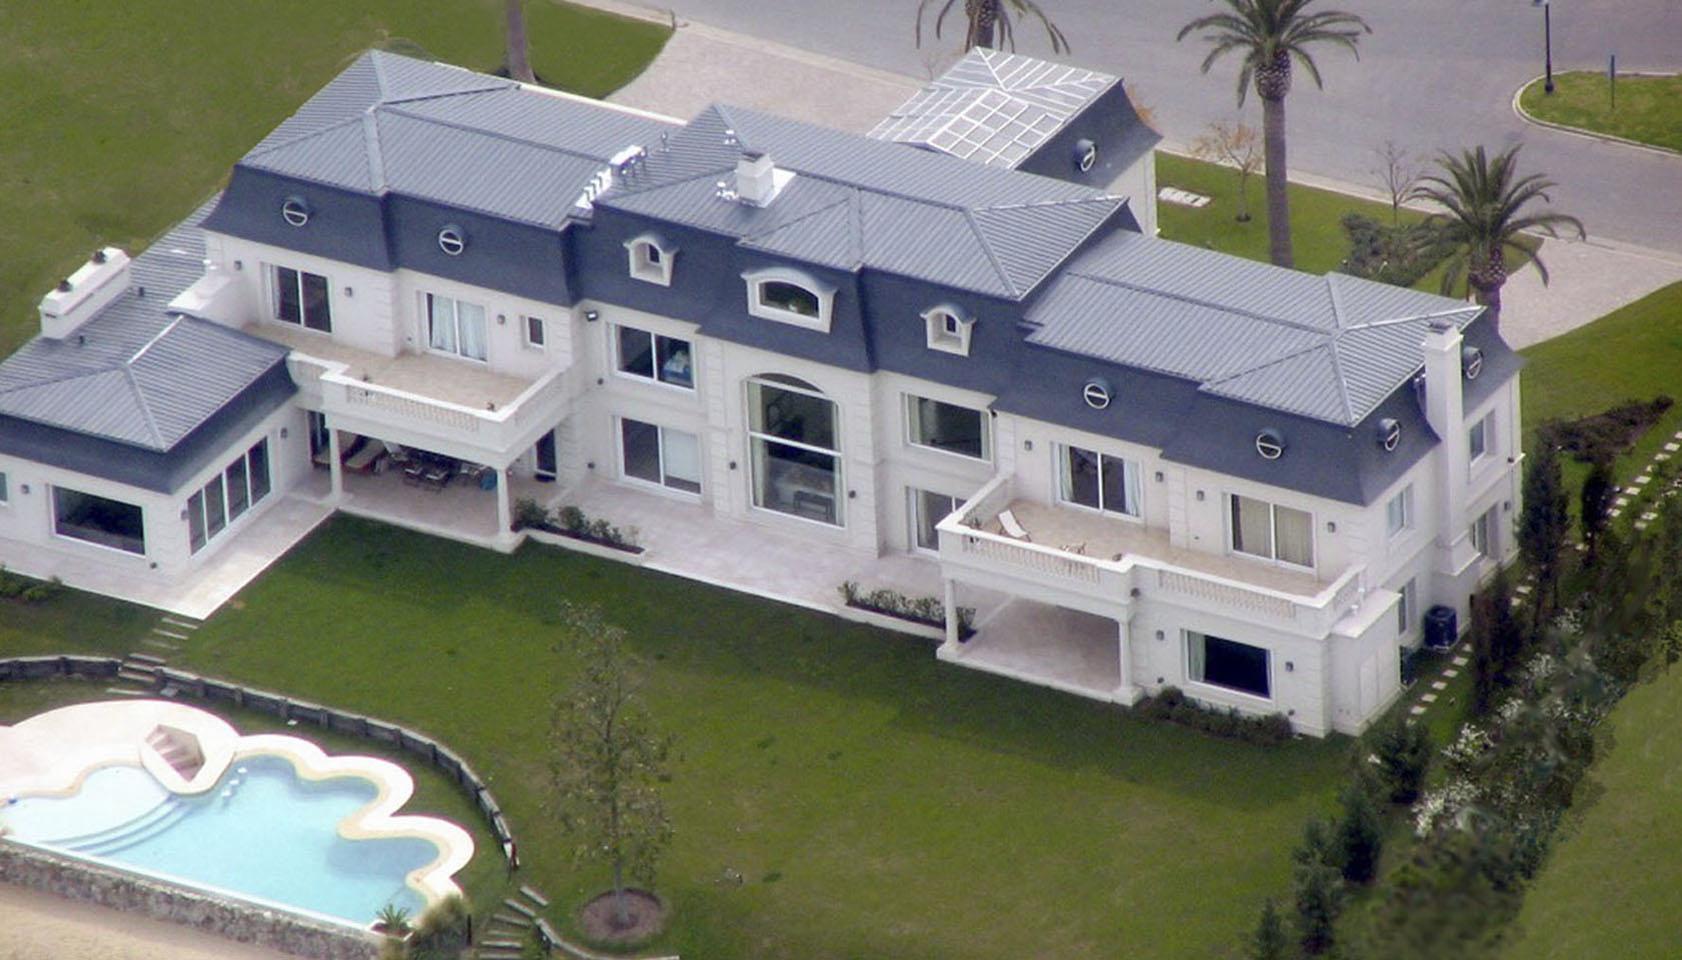 mansiones neoclásicas, casas lujosas, casas neoclásicas, casas con techos franceses